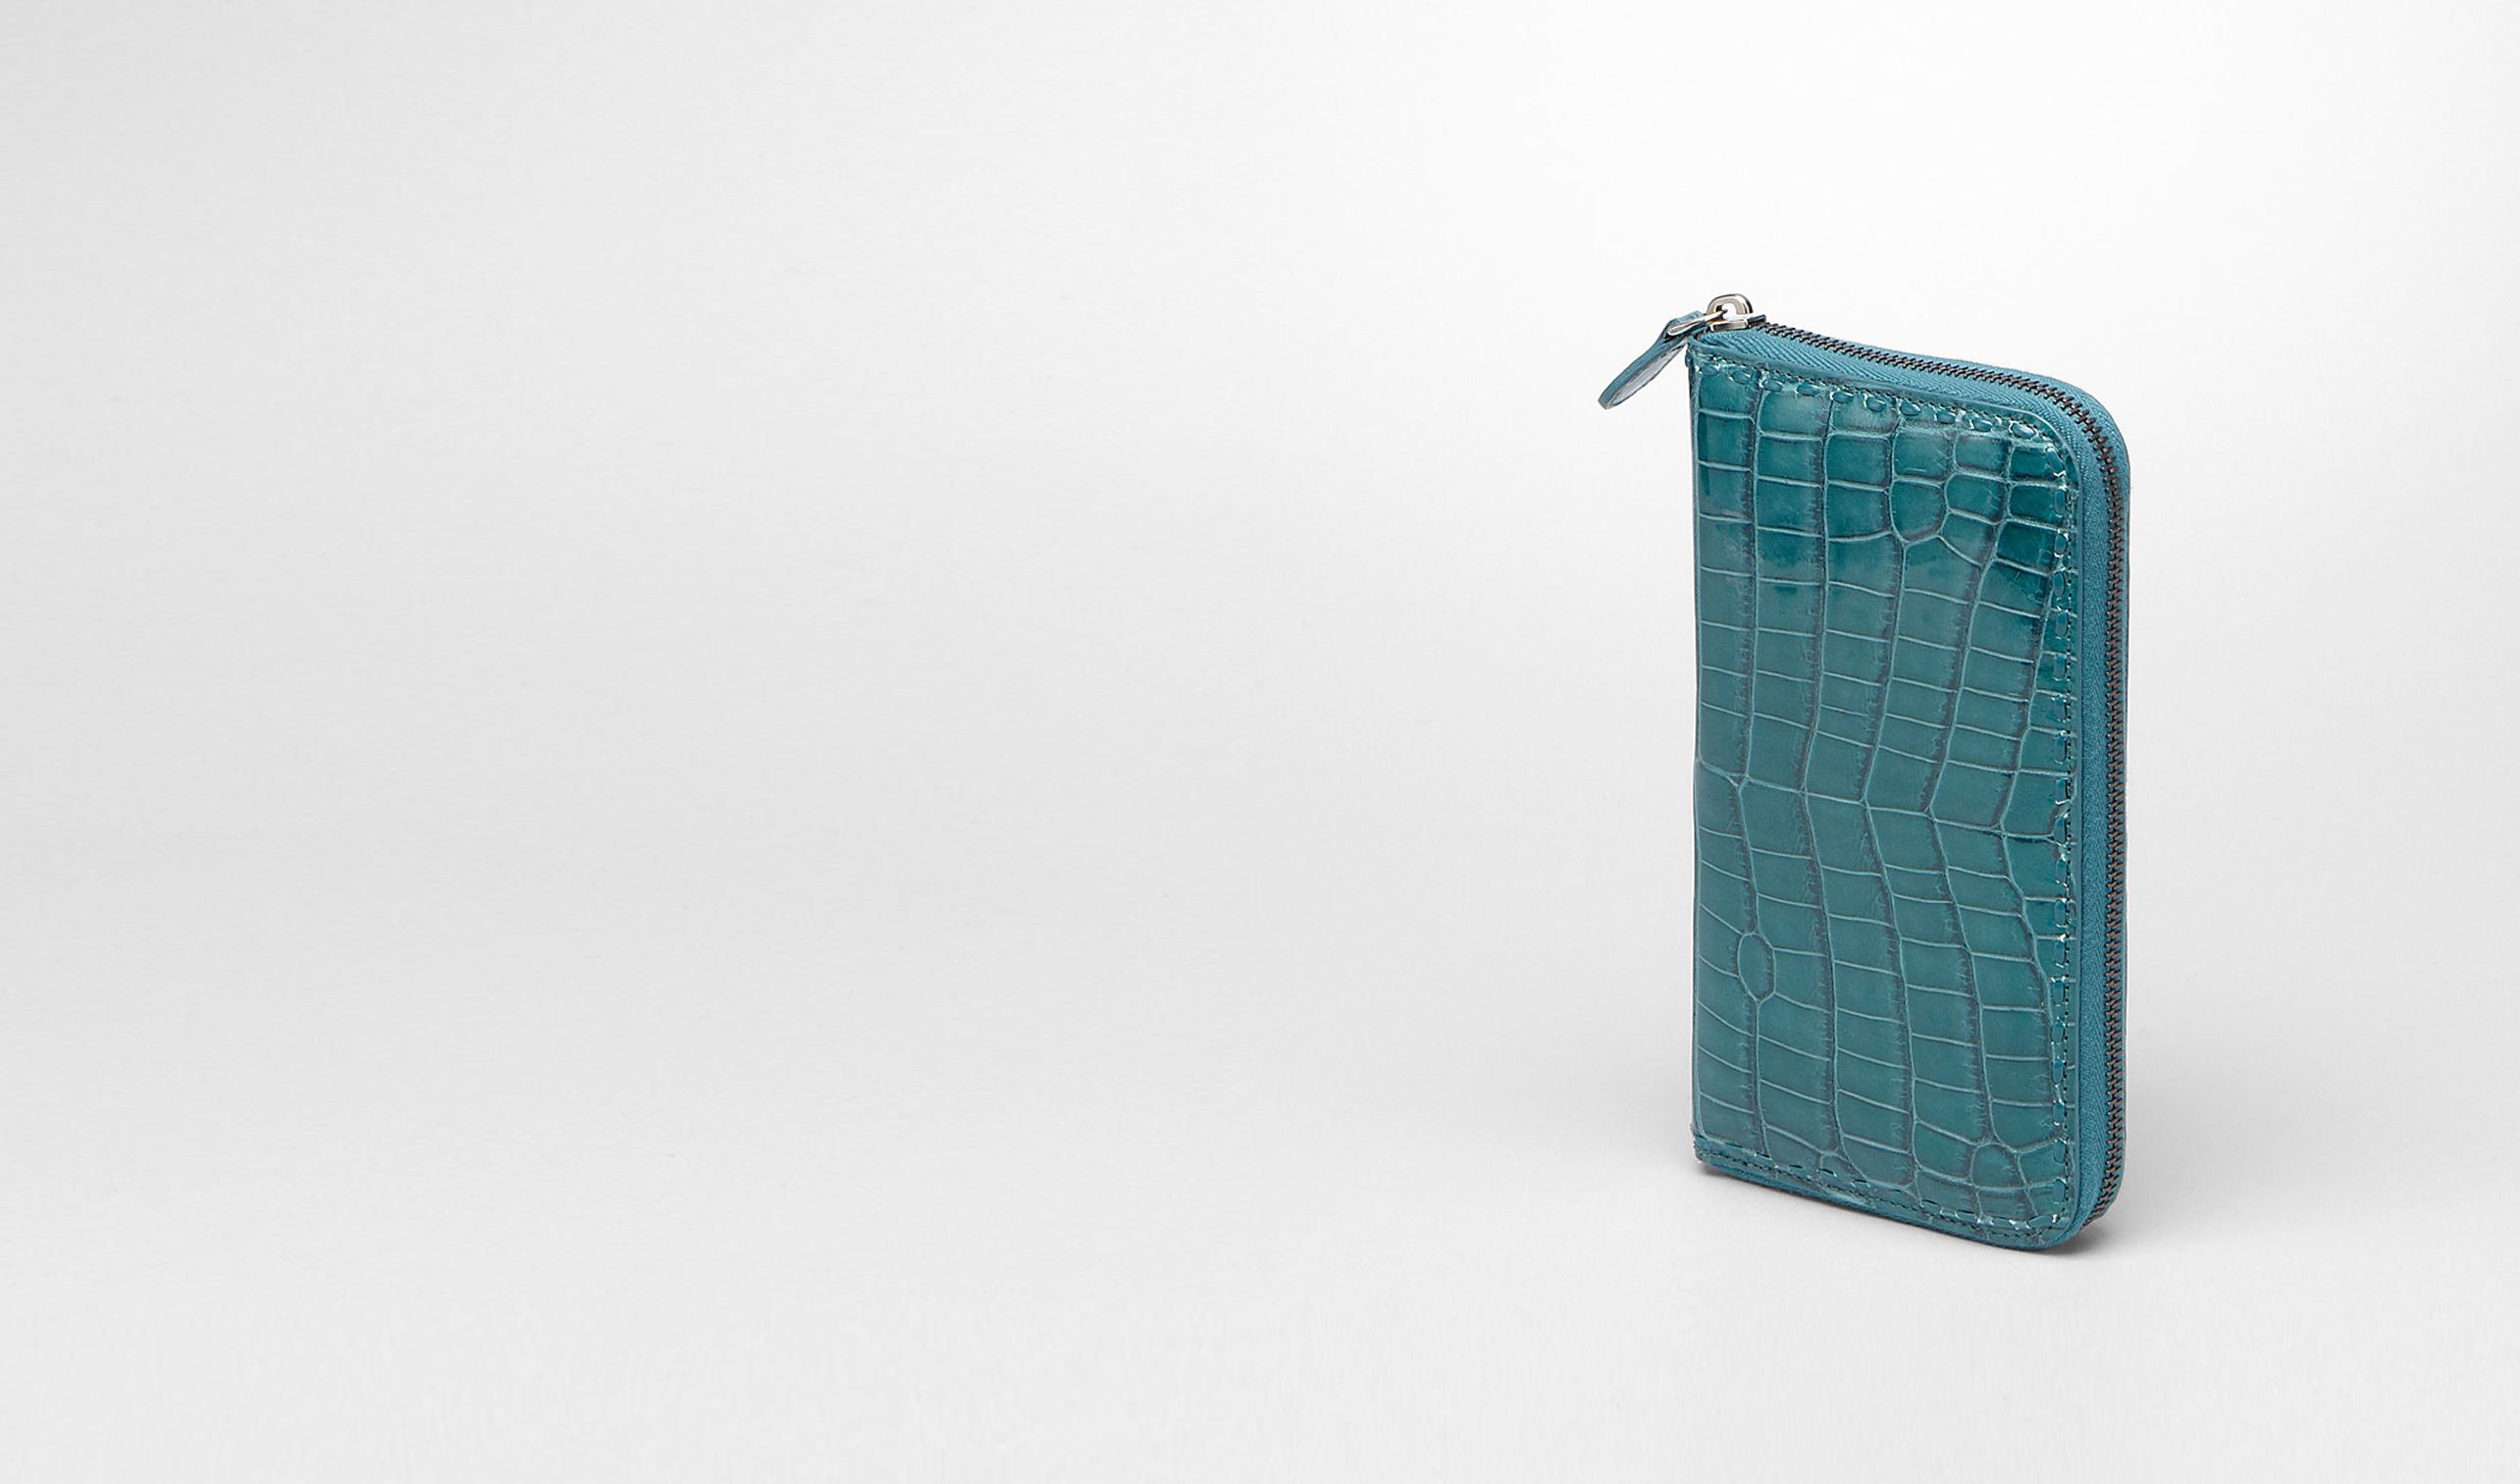 BOTTEGA VENETA Portemonnaie mit Zip E PORTEMONNAUE MIT ZIP AUS KROKODILLEDER IN TEAL pl